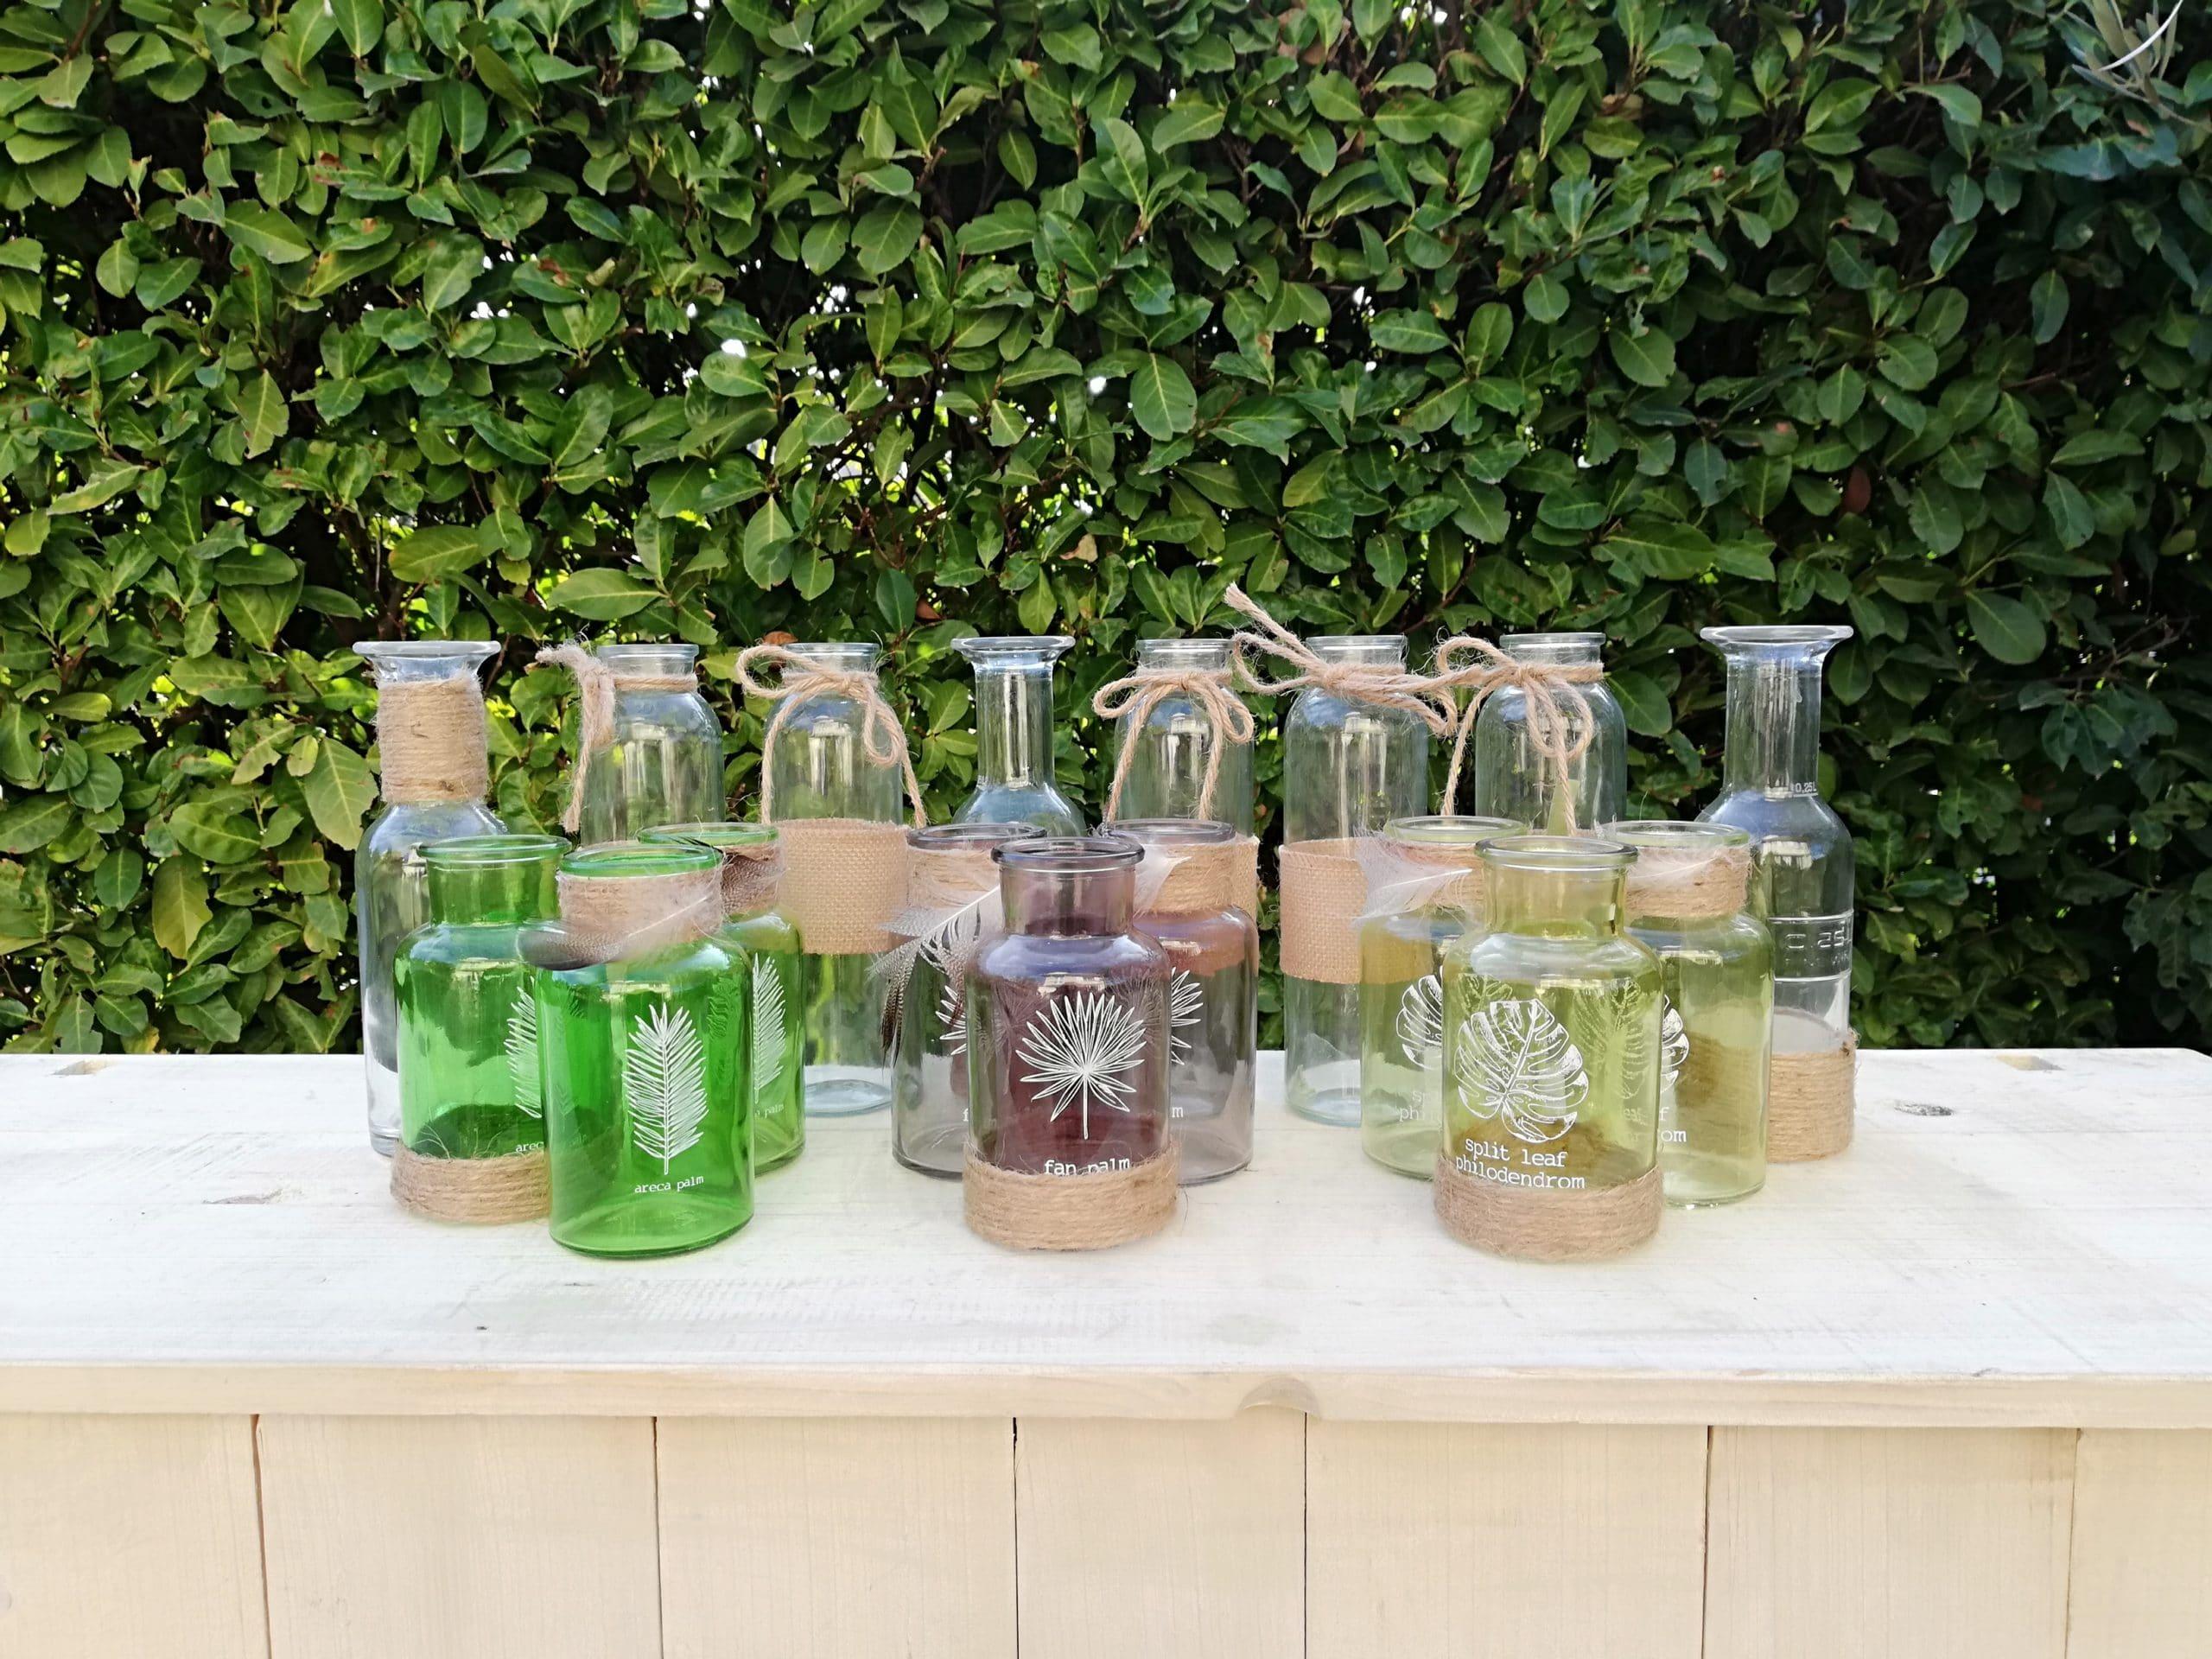 Location d'un lot de petites bouteilles en verre pur la décoration de votre évènements proposé par esprit pop'up